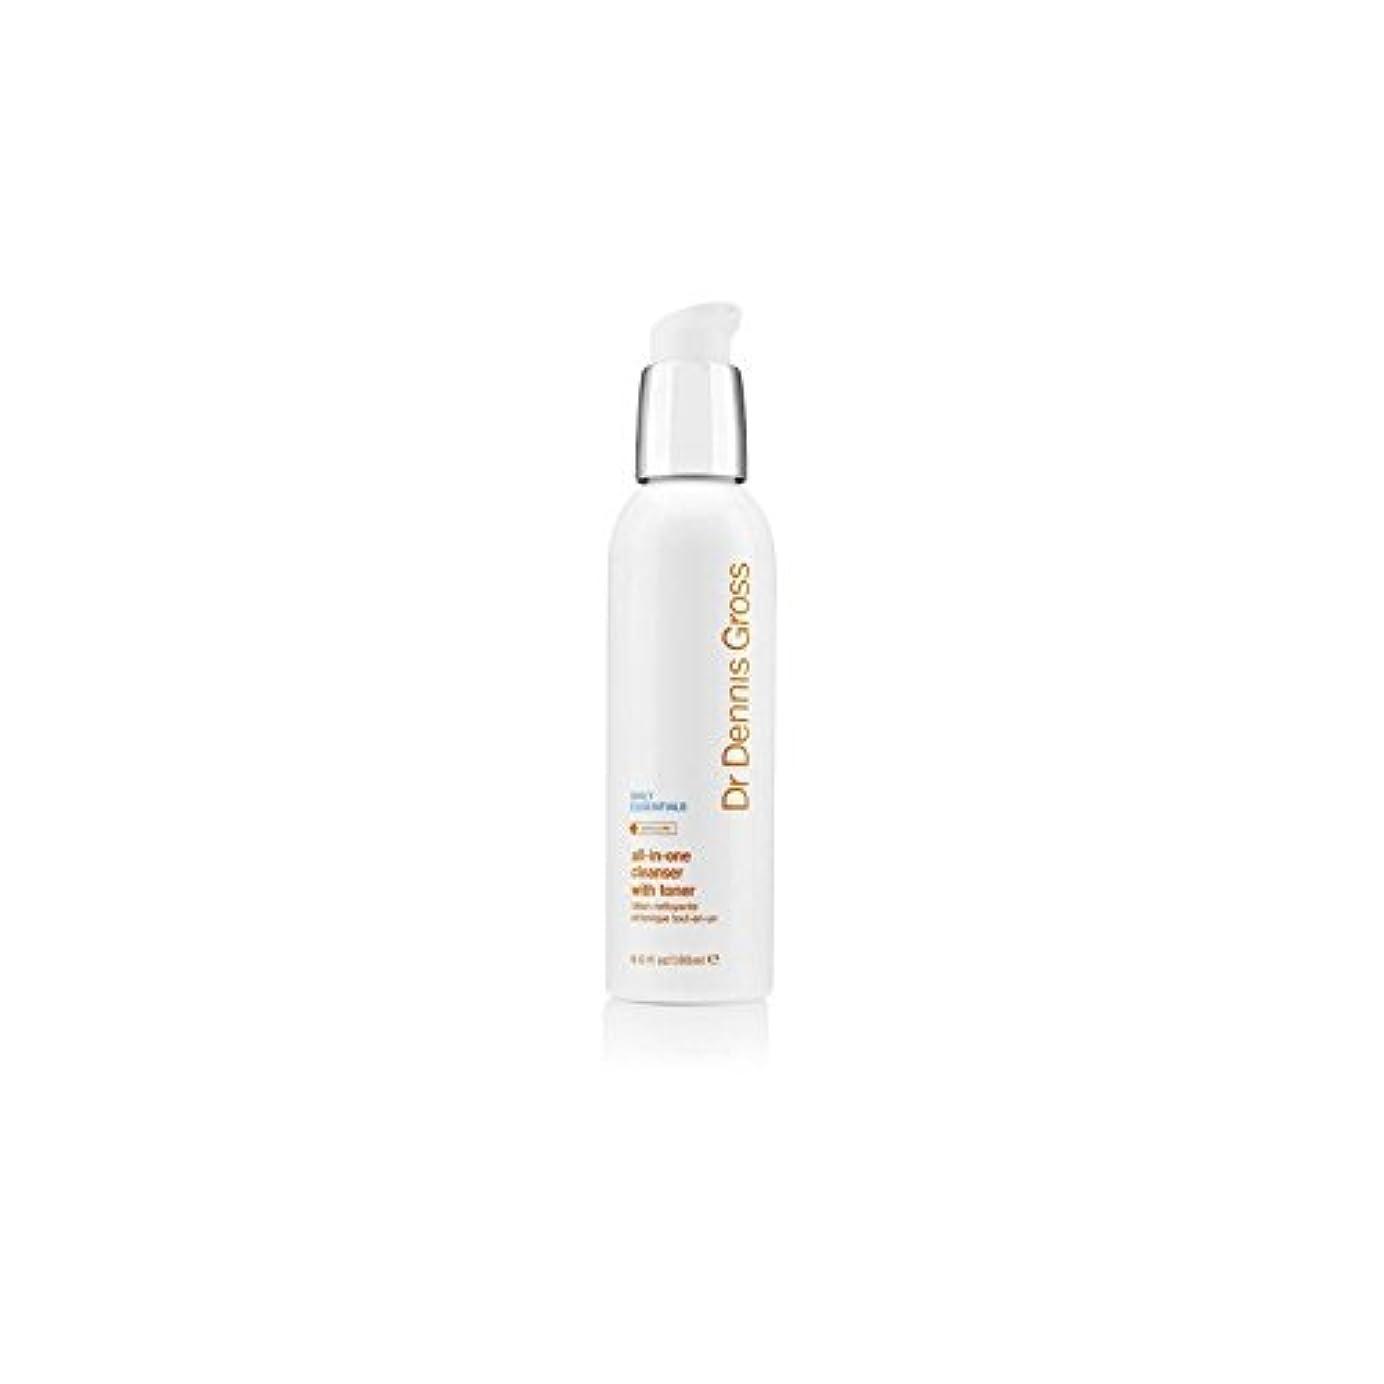 バリケード襟光沢Dr Dennis Gross All-In-One Facial Cleanser With Toner (180ml) (Pack of 6) - デニスグロスオールインワントナー(180ミリリットル)とフェイシャルクレンザー x6 [並行輸入品]